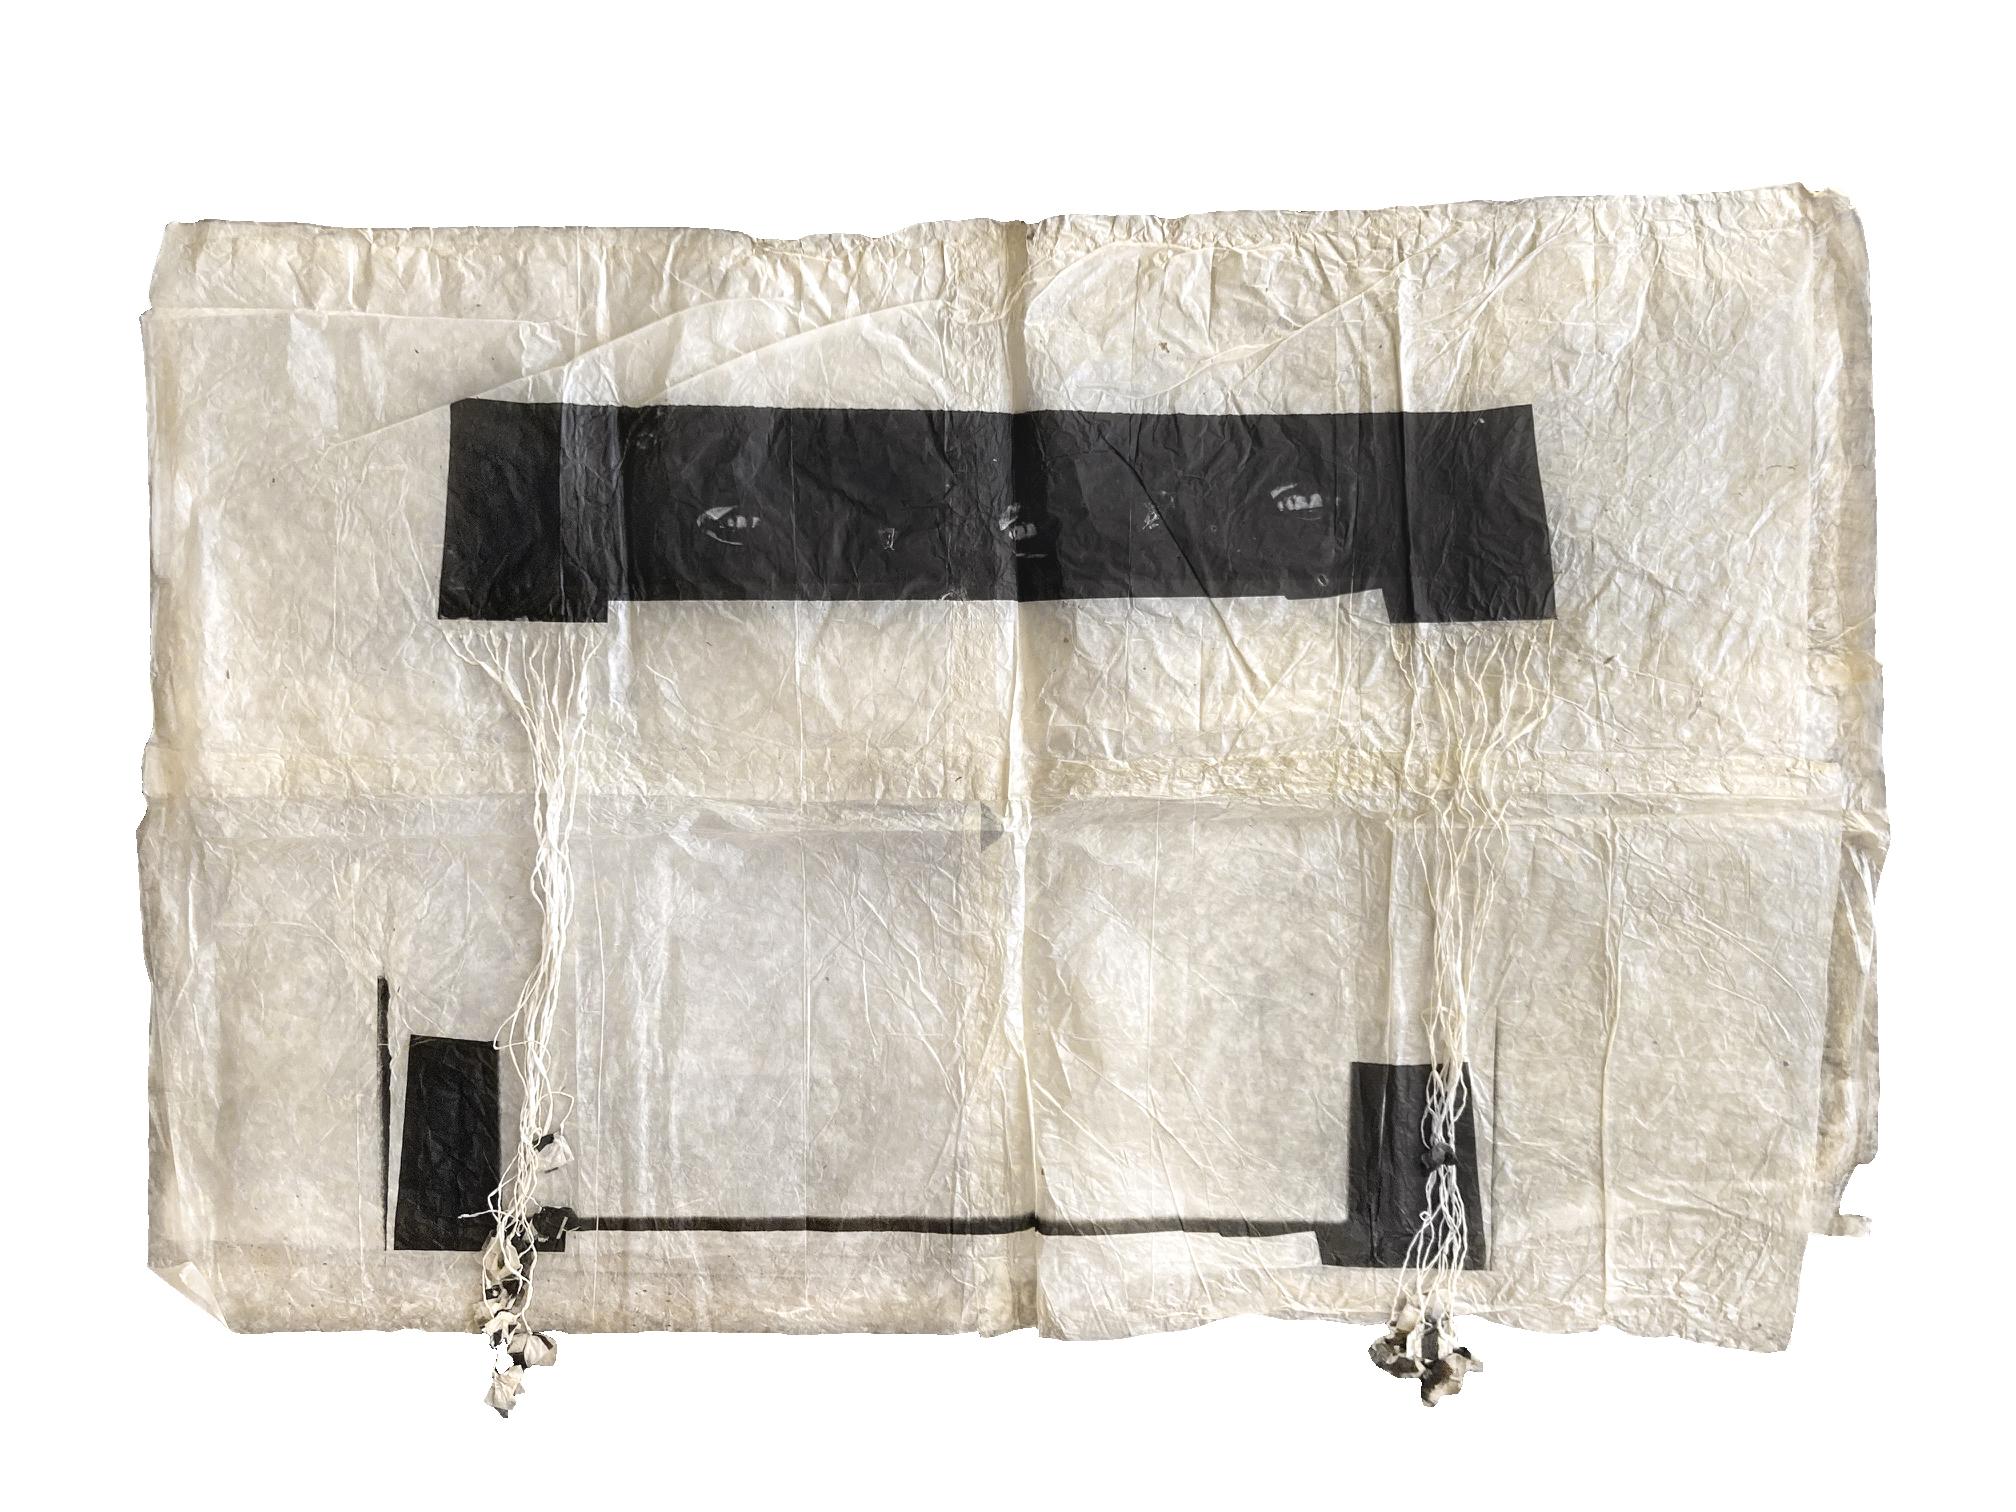 Kiki Smith Hunger, 1994 Encre sur papier népalais 101 x 147 x 2,5 cm, courtesy Galerie Lelong Paris